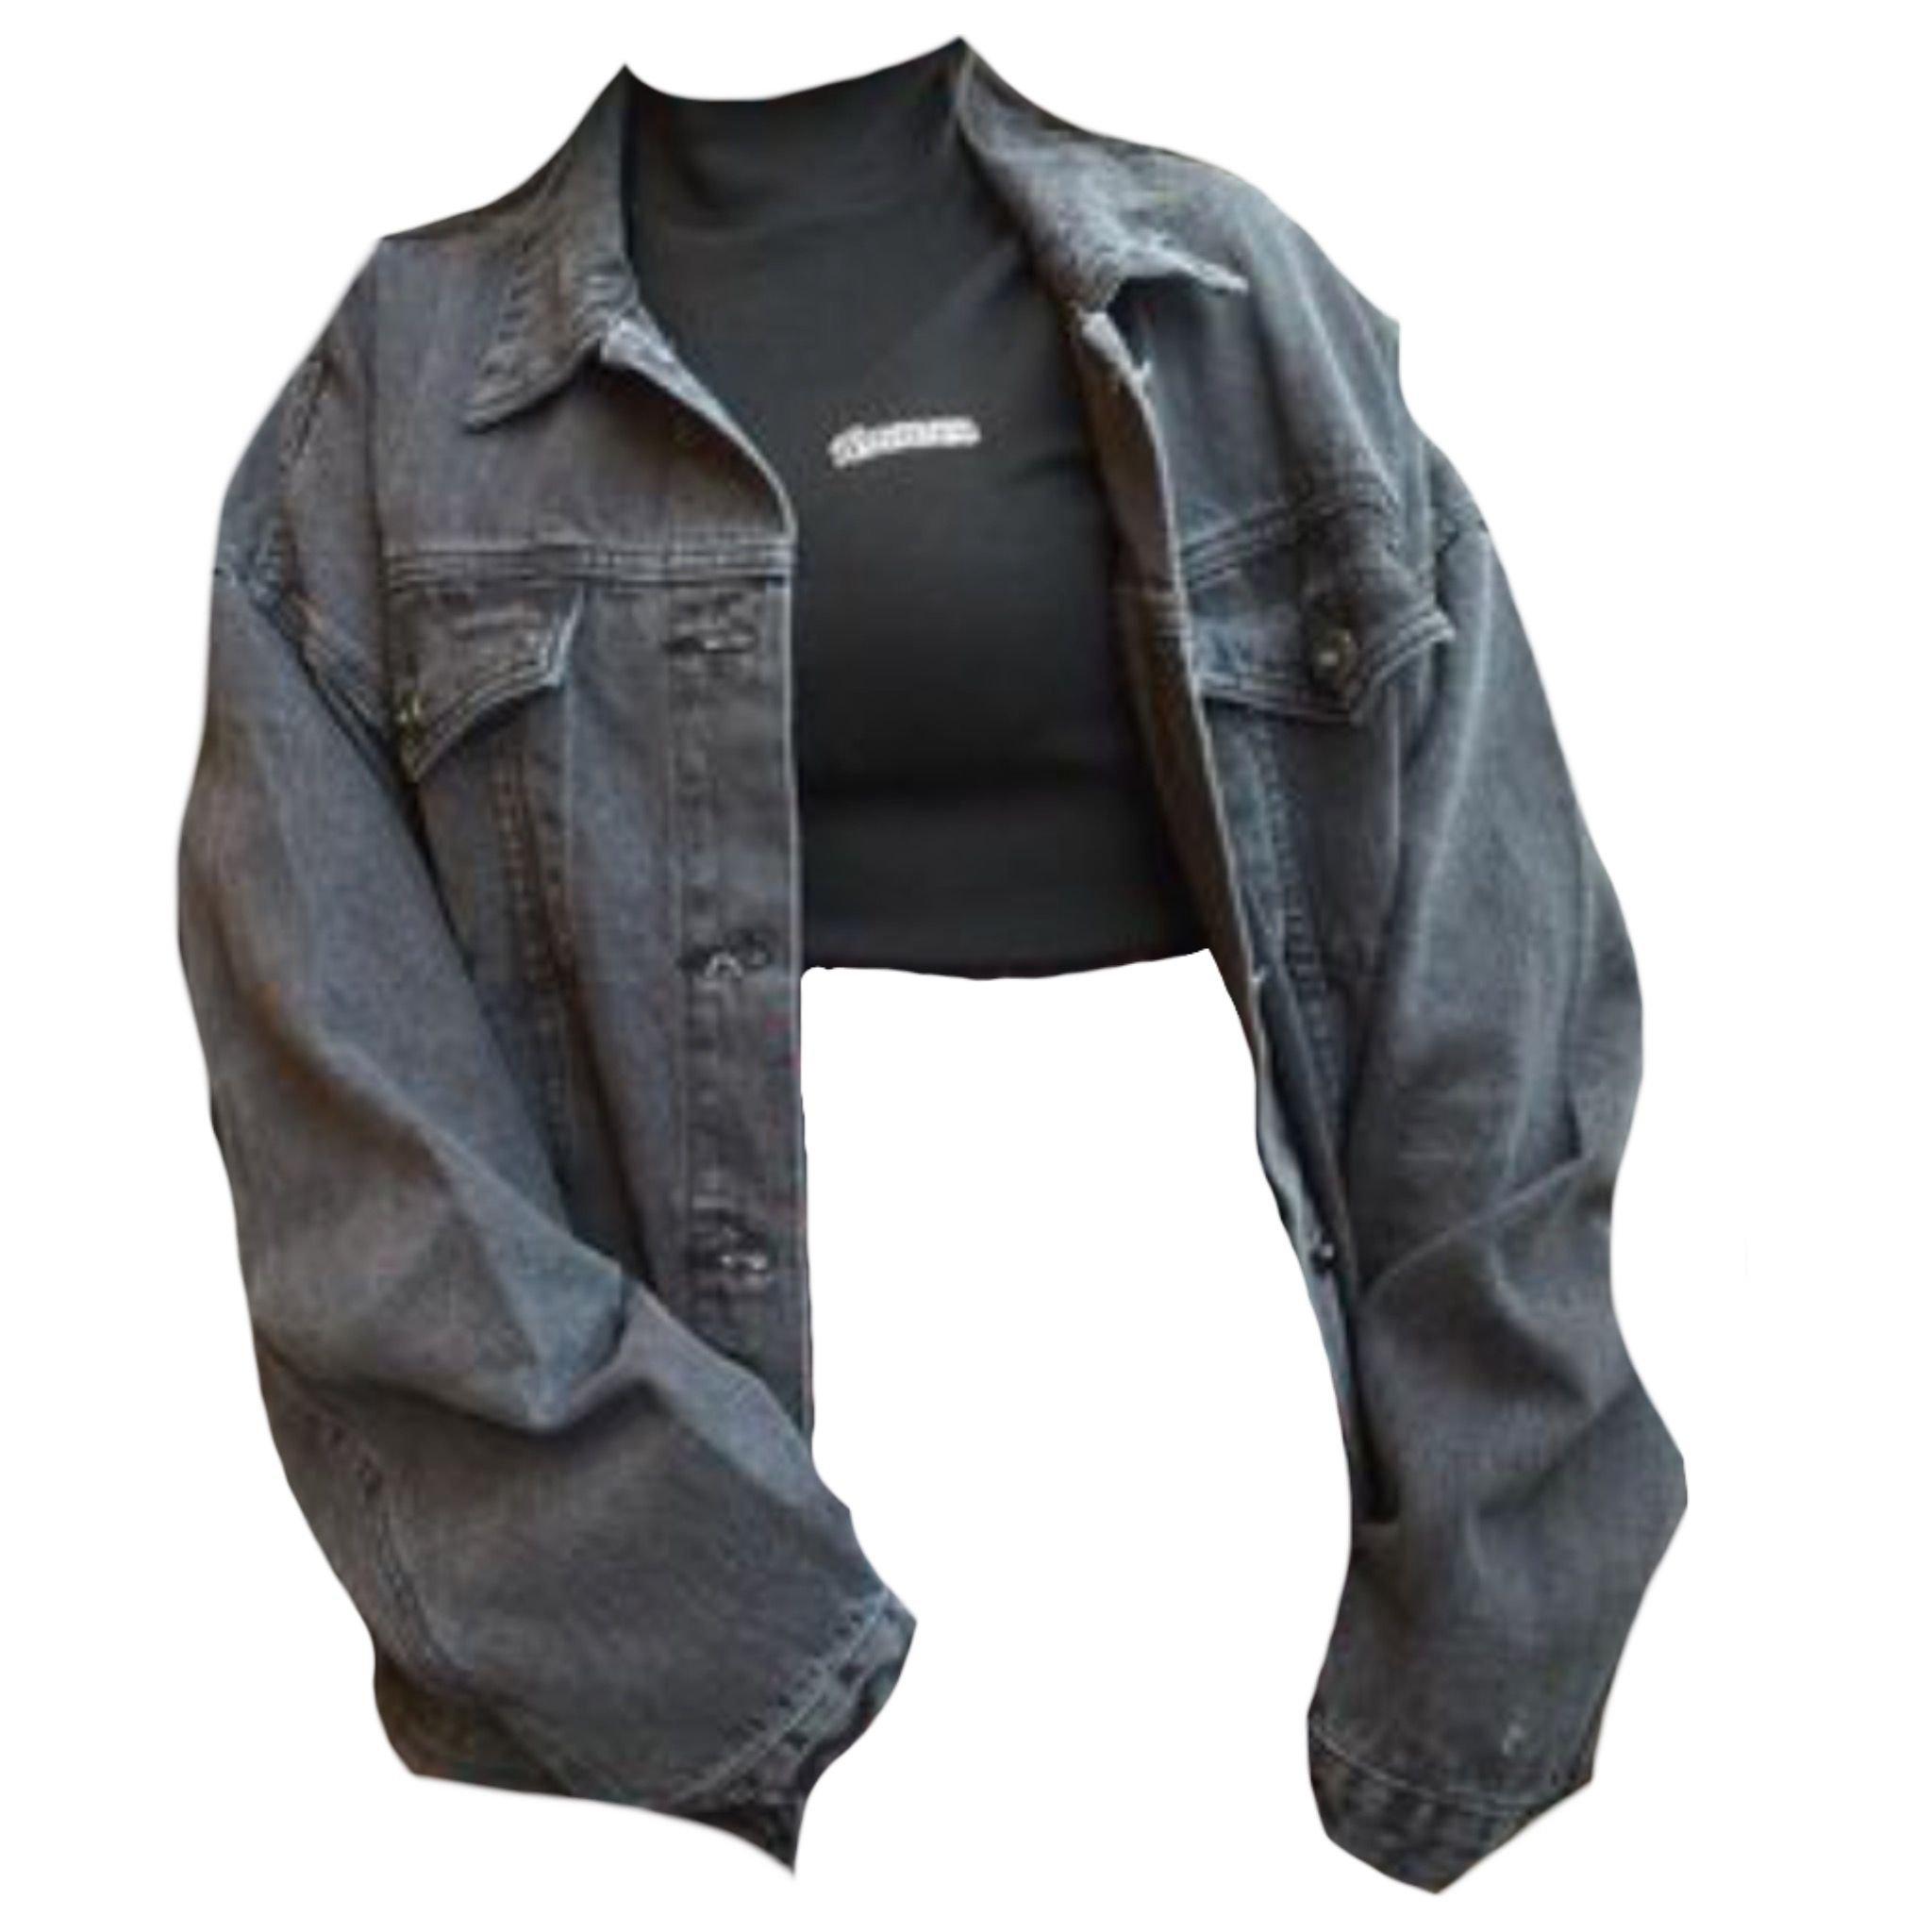 jean jacket with black crop top turtleneck